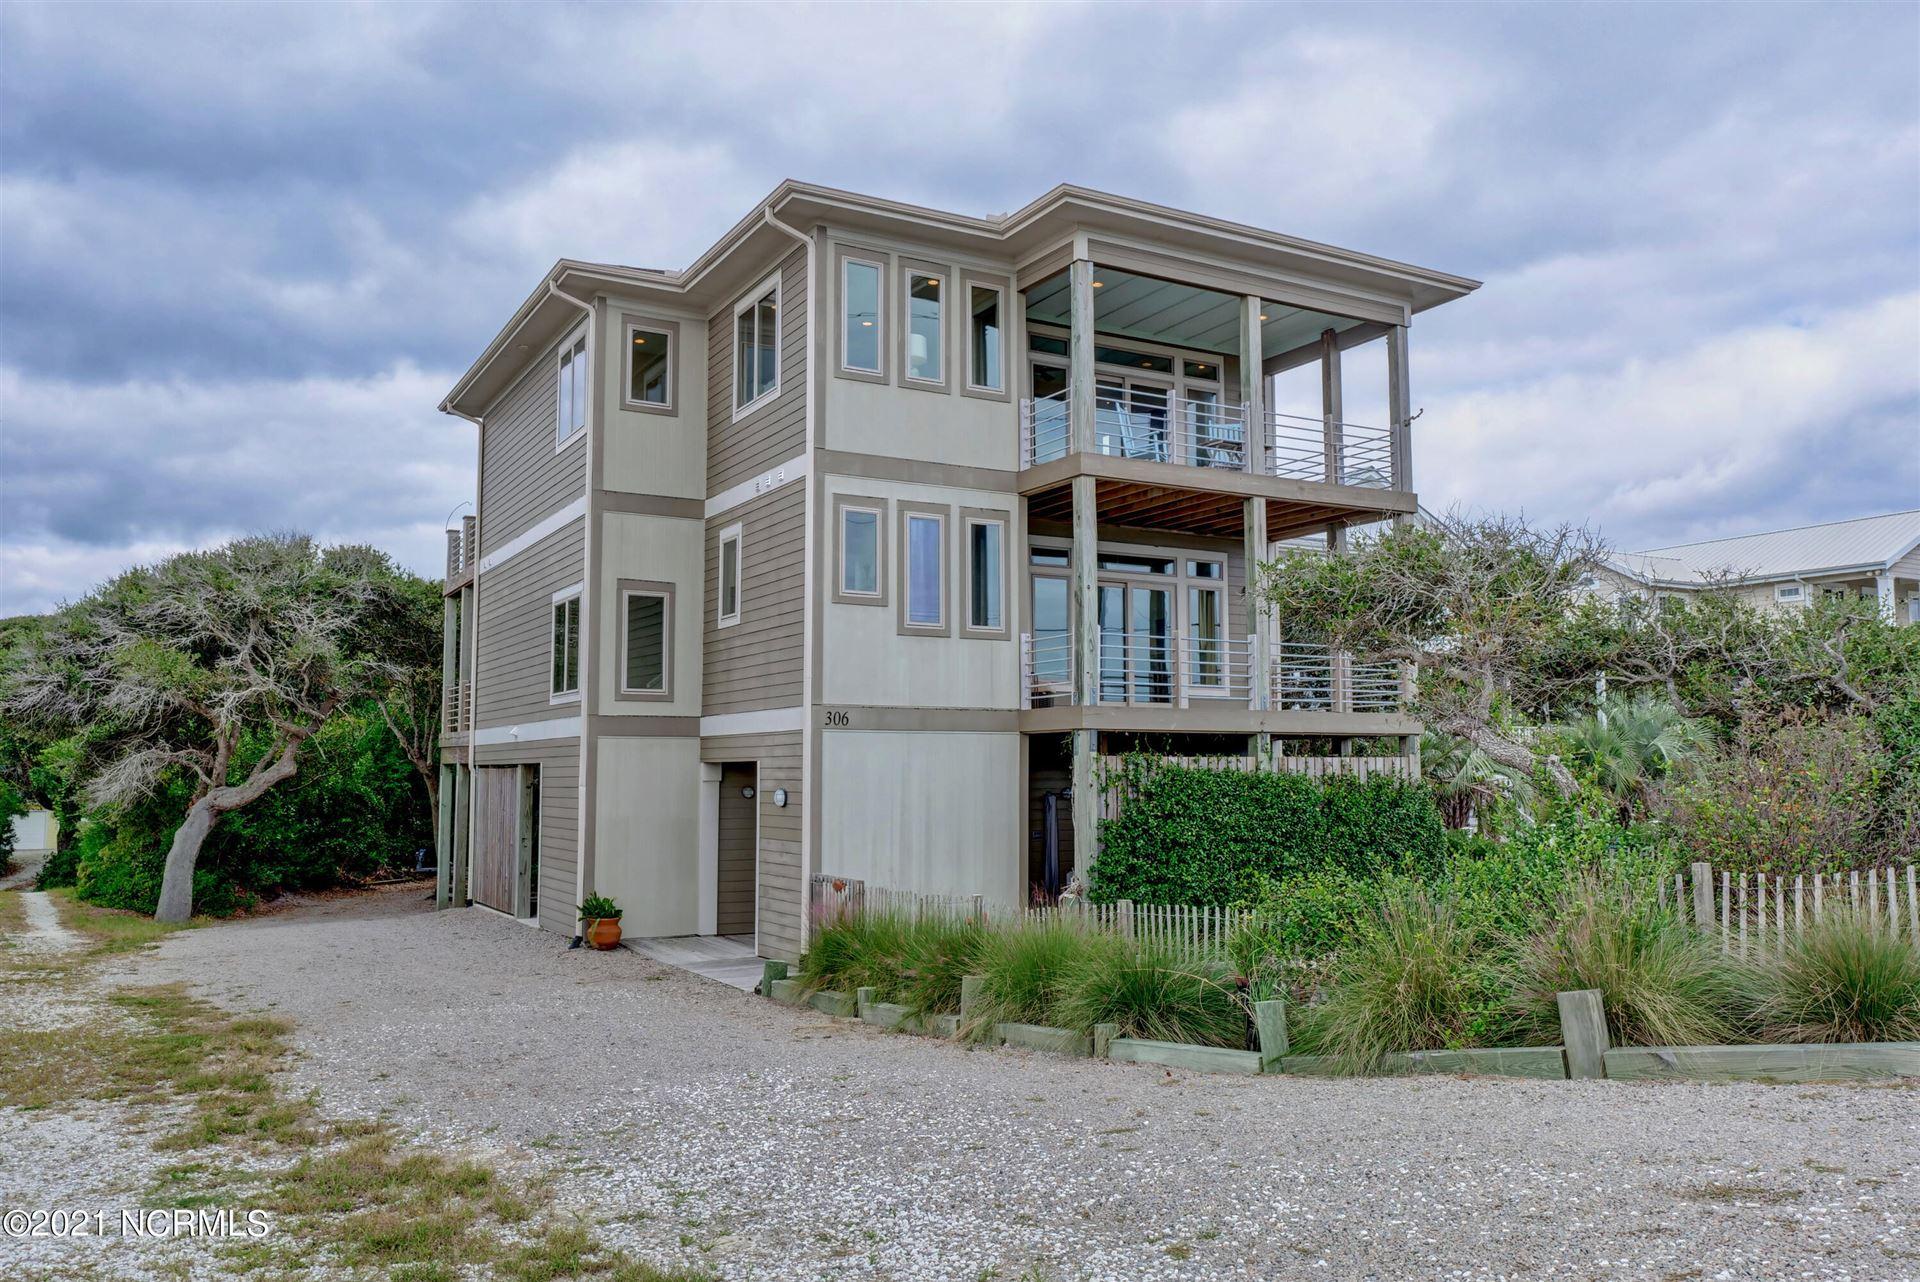 Photo of 306a N Anderson Boulevard, Topsail Beach, NC 28445 (MLS # 100295197)